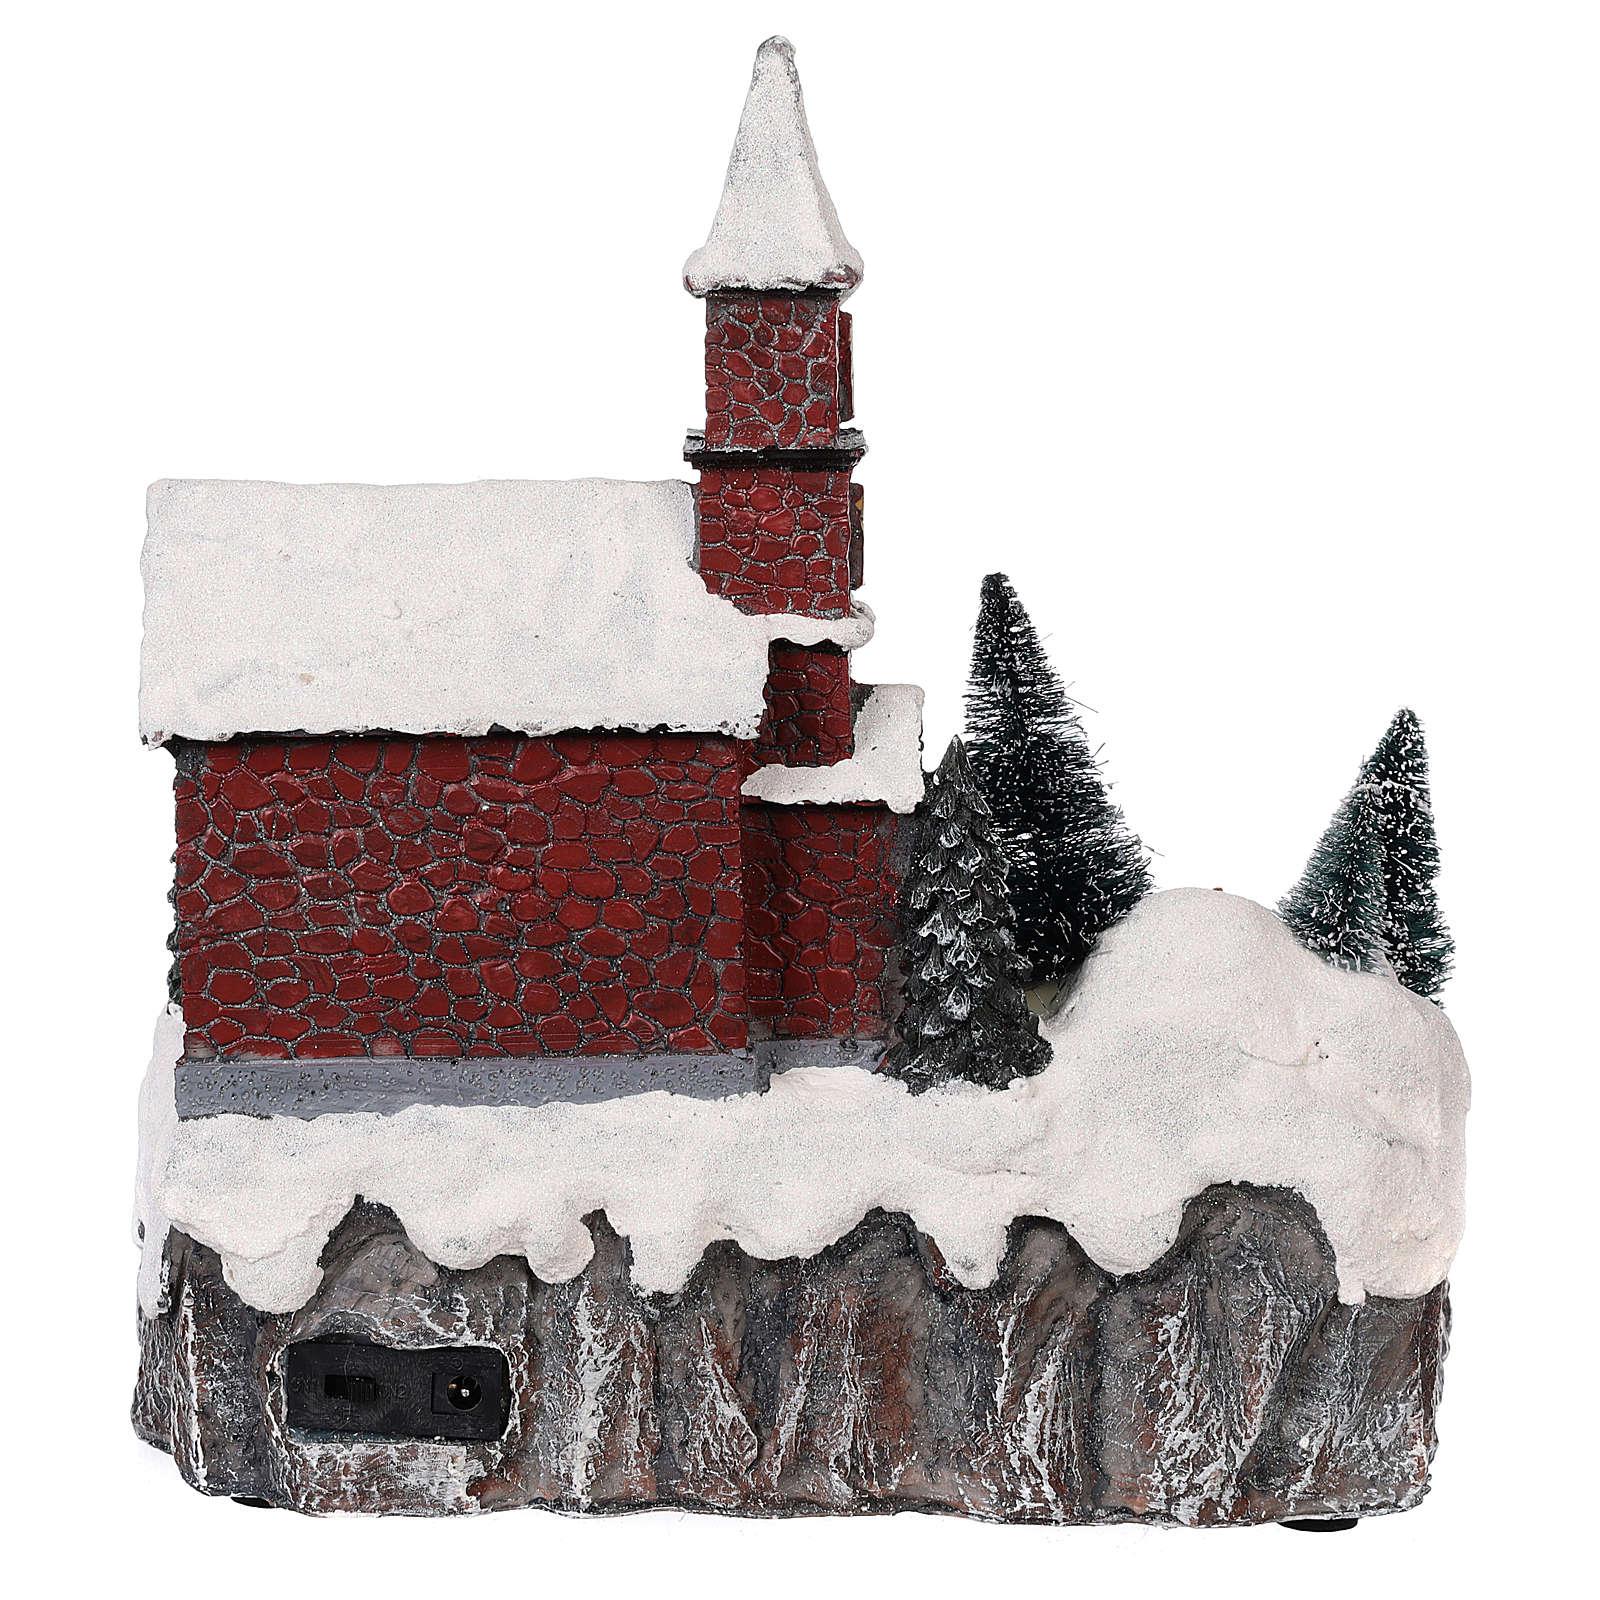 Villaggio natalizio animato movimento luce musica 30x25x20 3